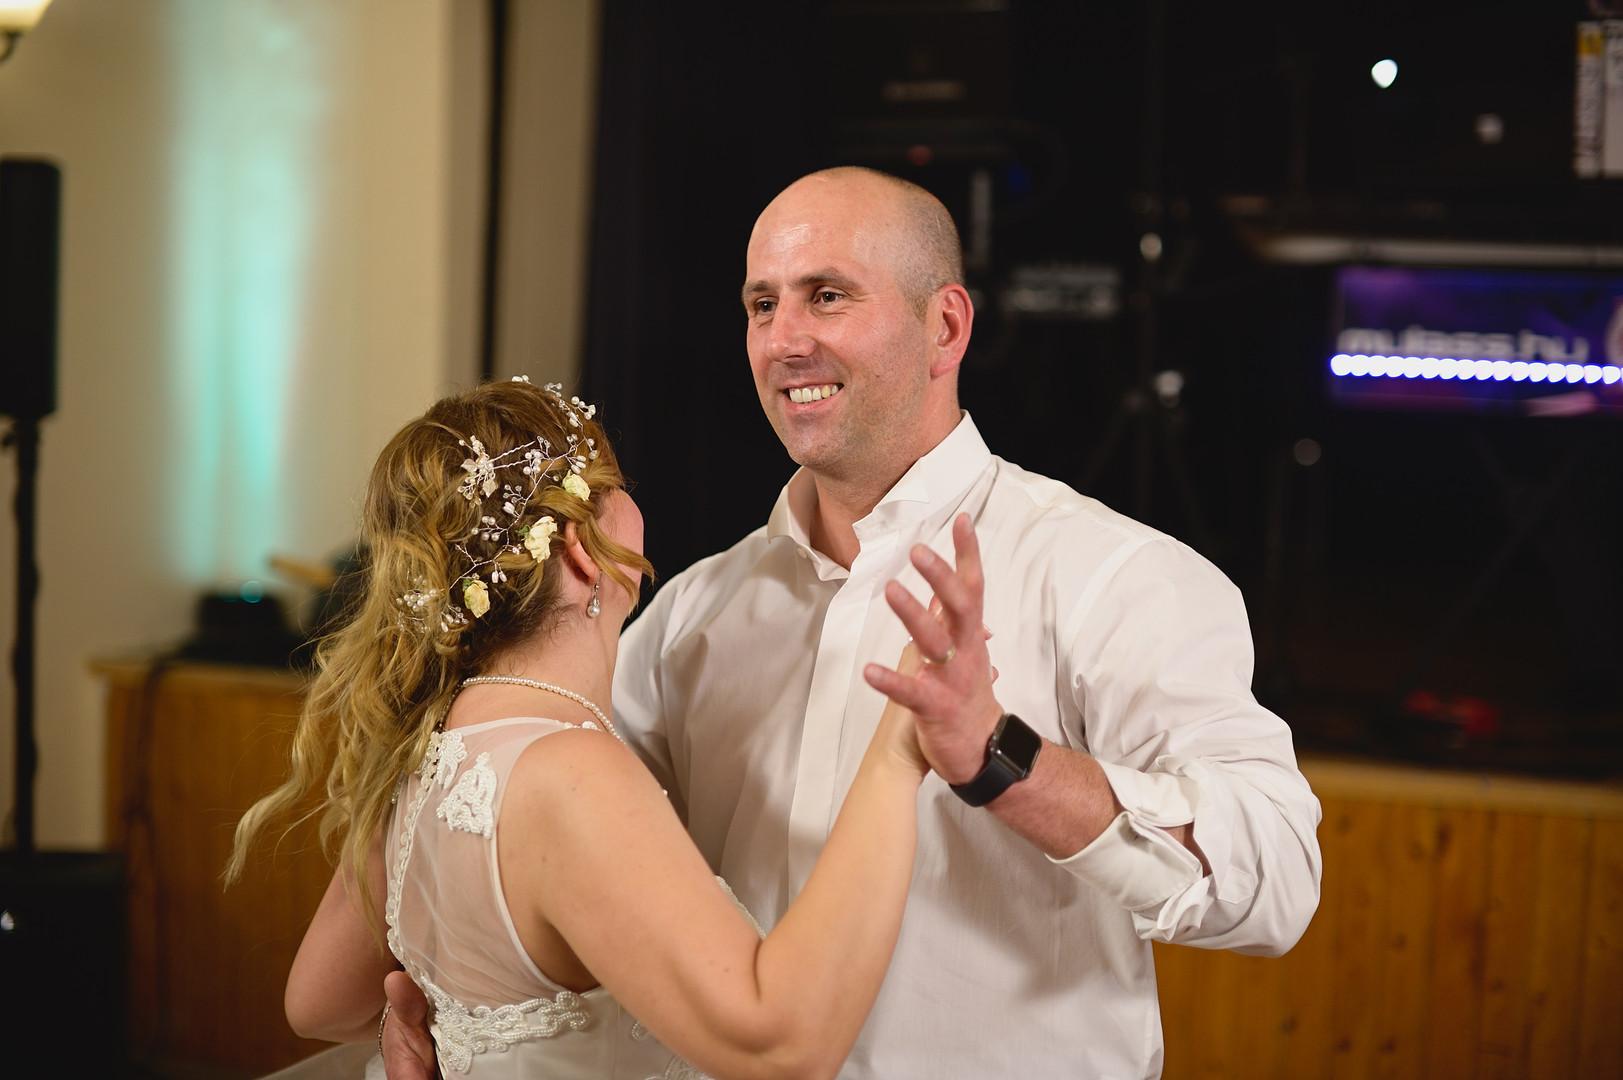 707  Esküvői fotózás - Enikő és Peti Bul